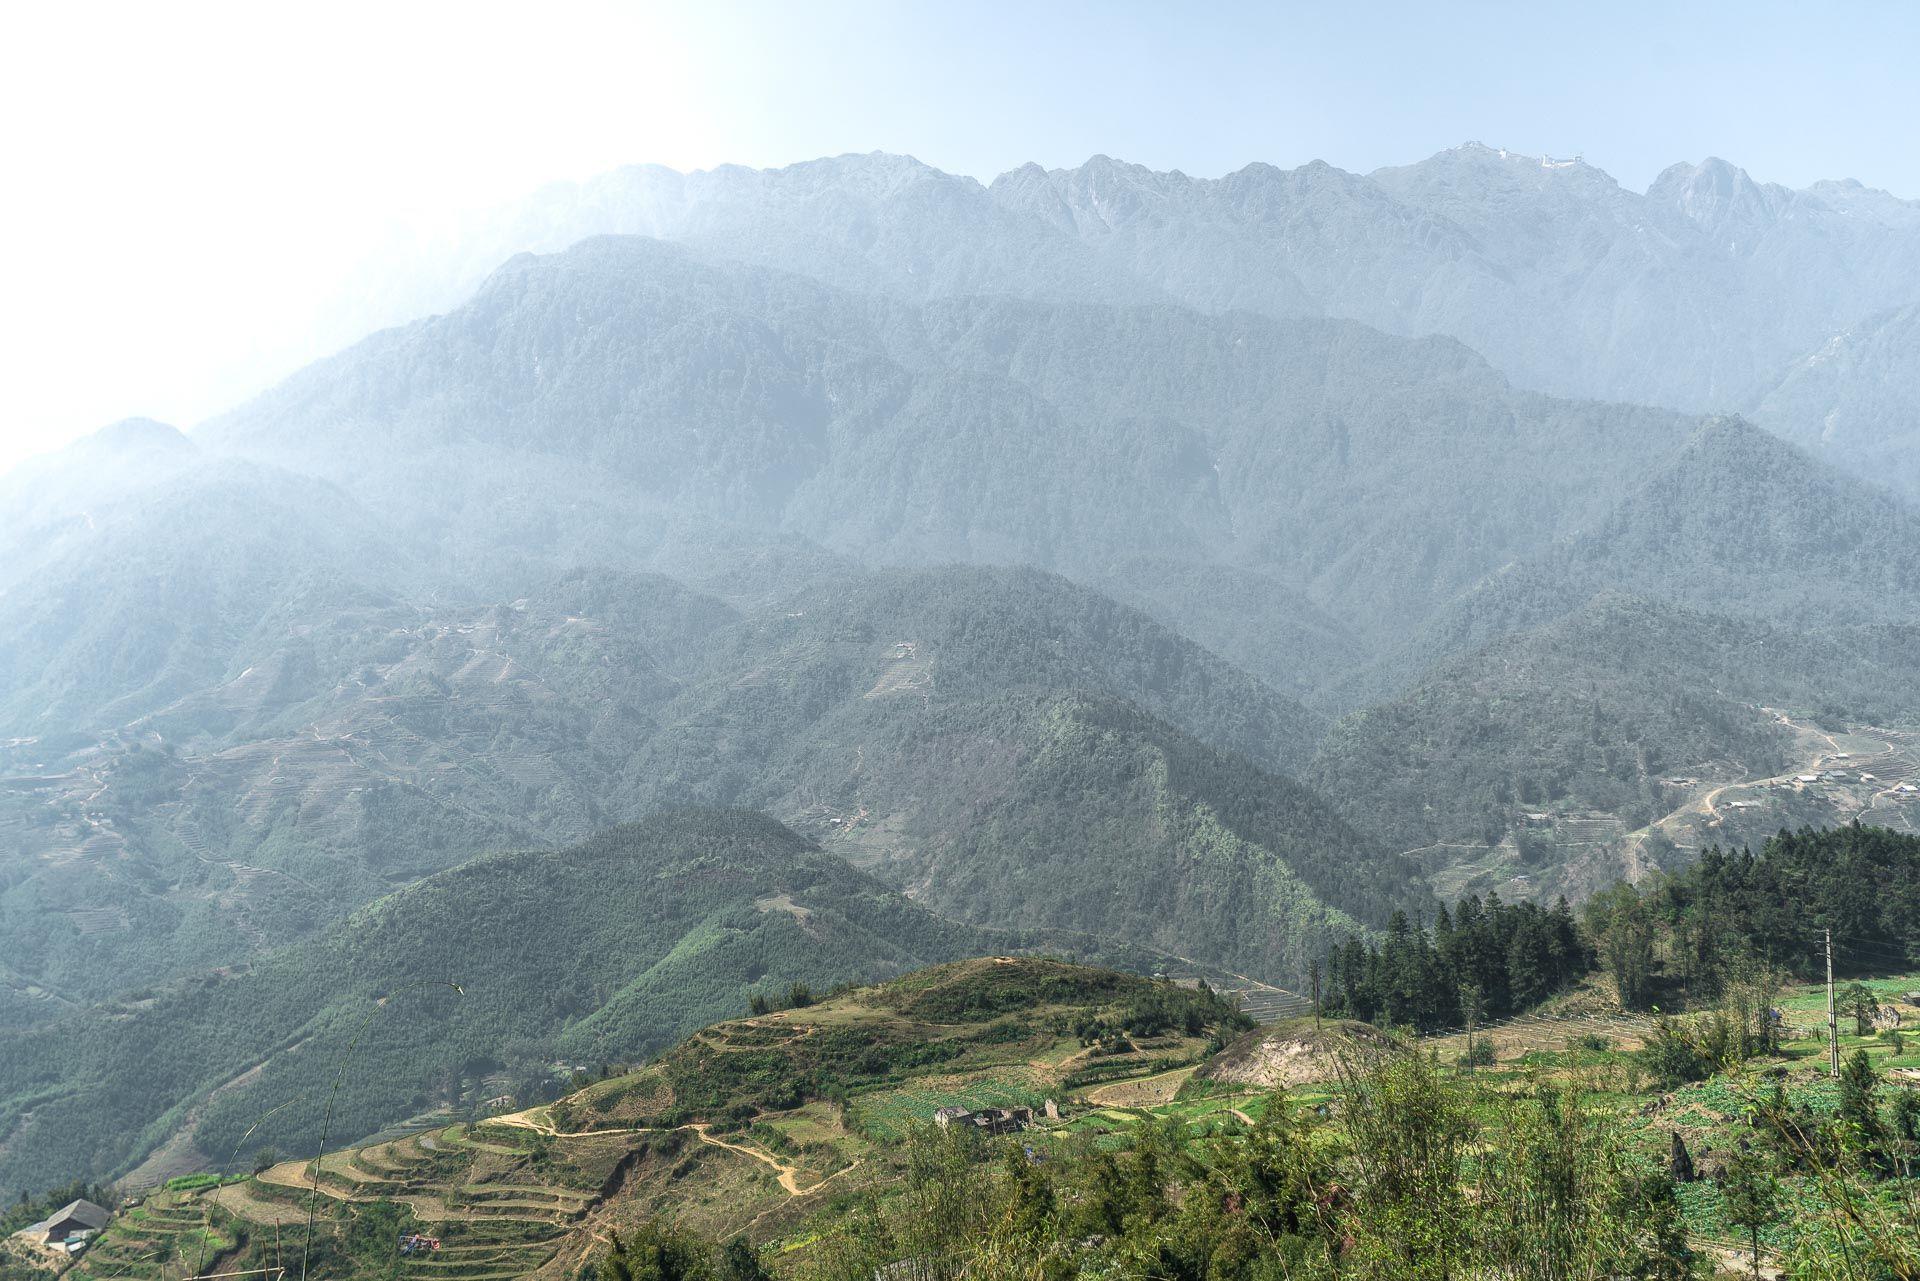 lesvoyageuses-trek-sapa-minorites-ethniques-itineraire-vietnam-5